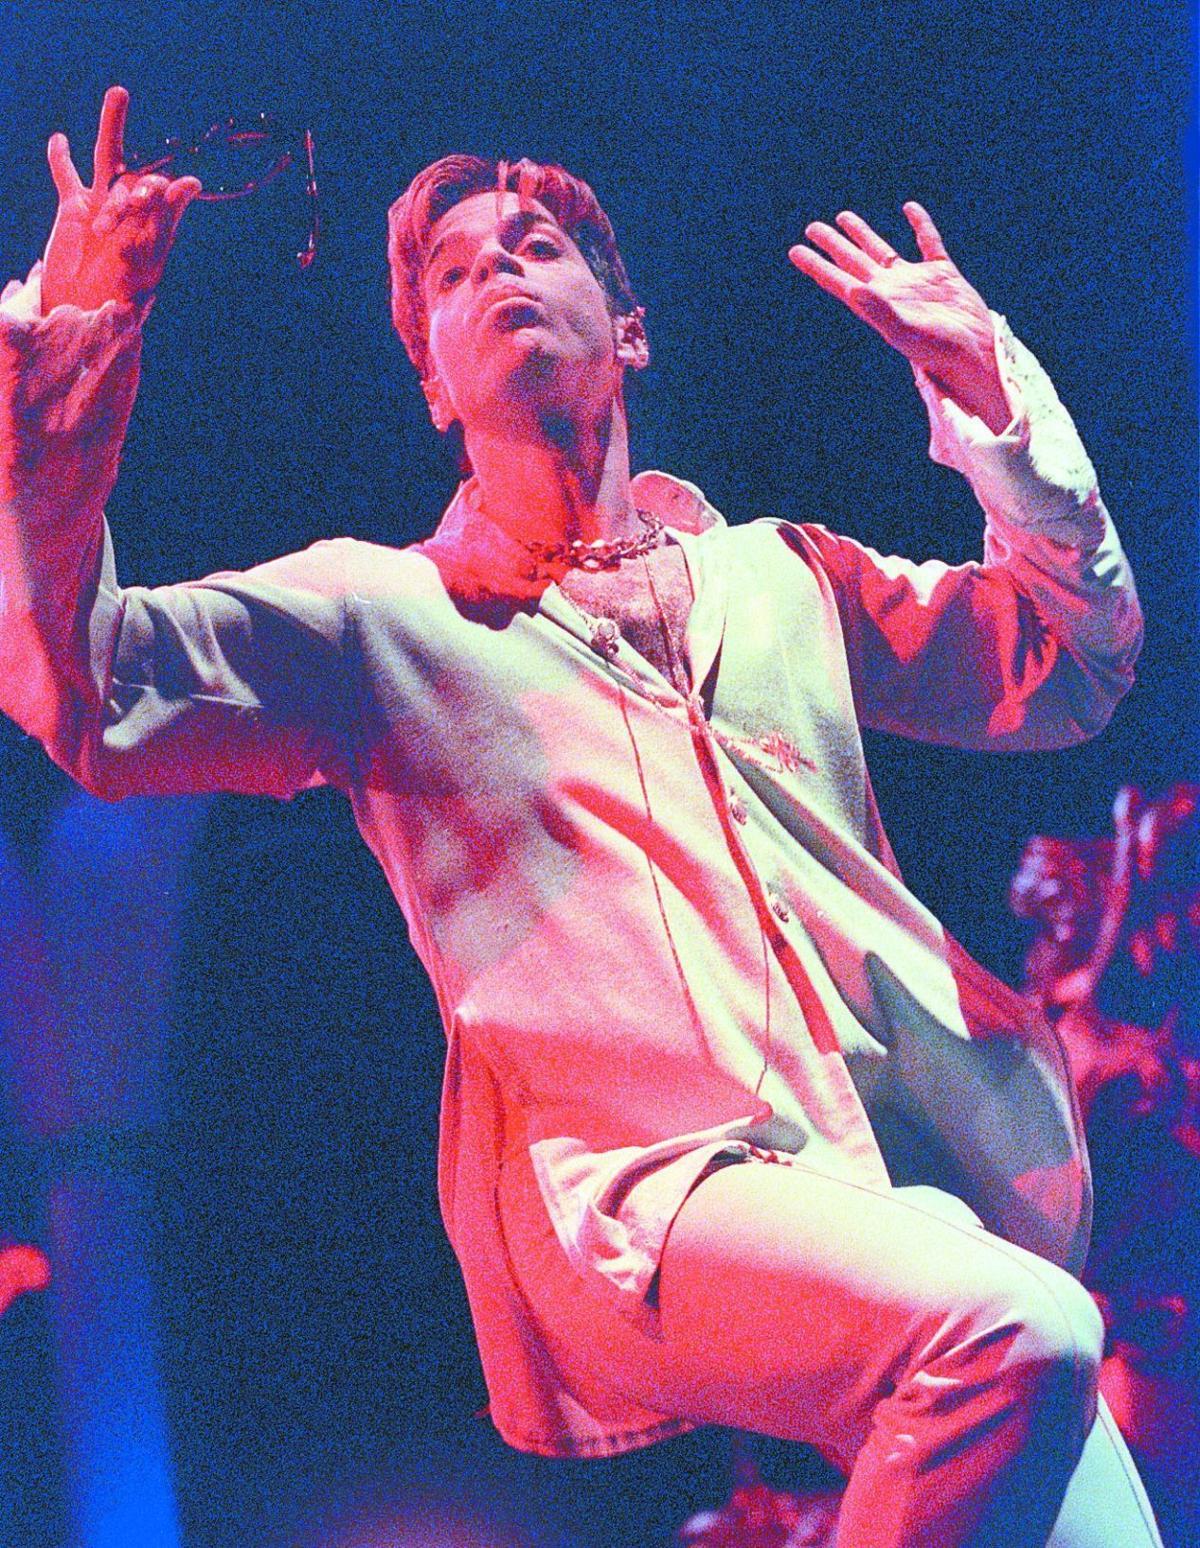 Prince 1997